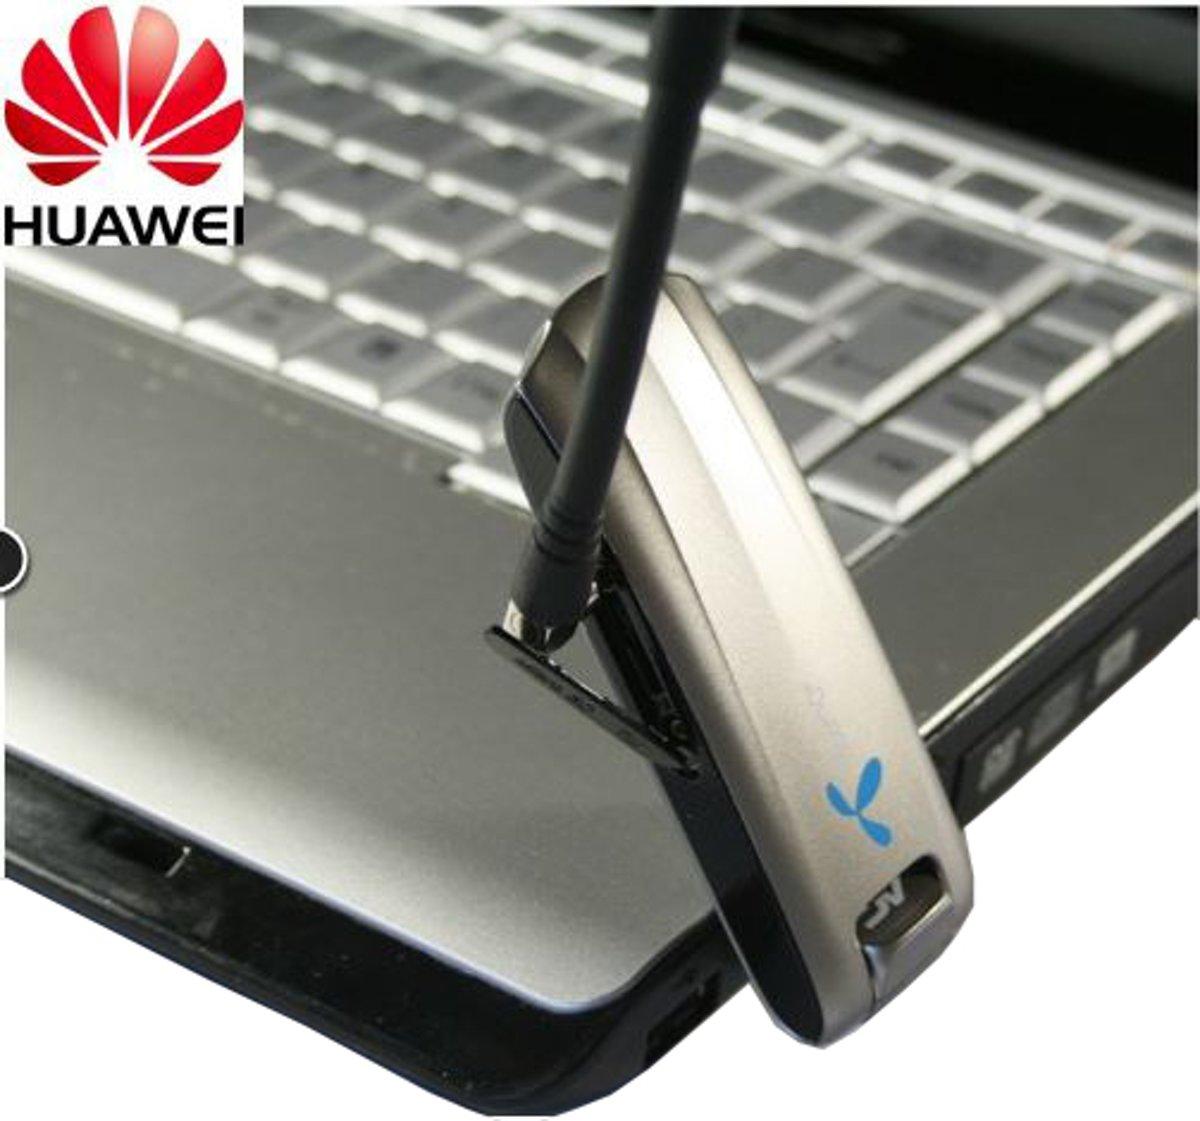 USB modem dongel Huawei E398u-15 Supersnel 4G LTE internet 100mbps simlockvrij kopen